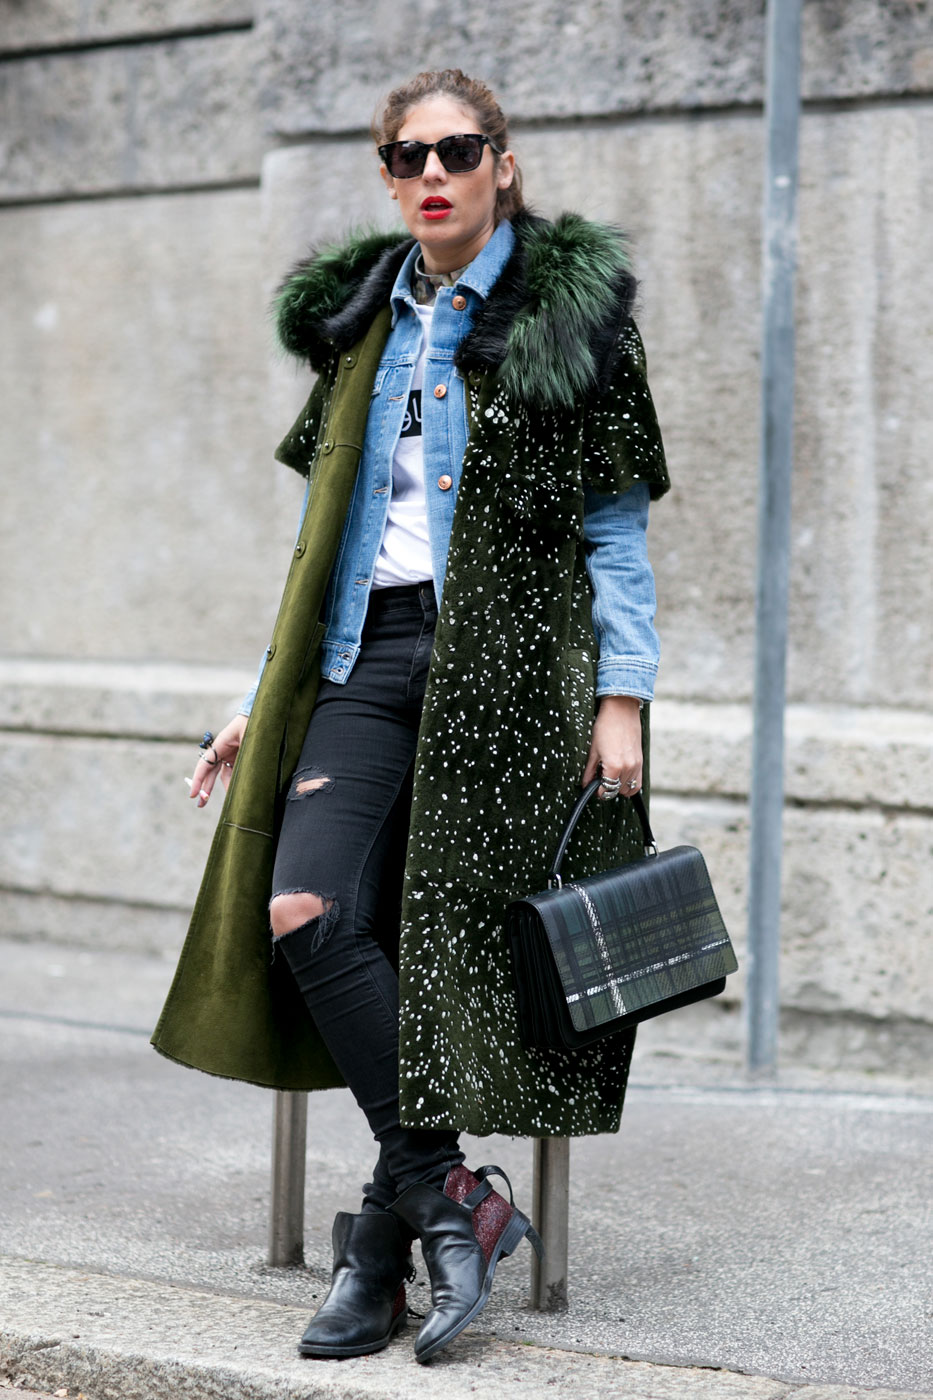 Grazia продолжает публиковать героев street style-хроники, в сегодняшний  отчет попали самые яркие образы второго дня Недели моды в Милане. 1dc2695edba